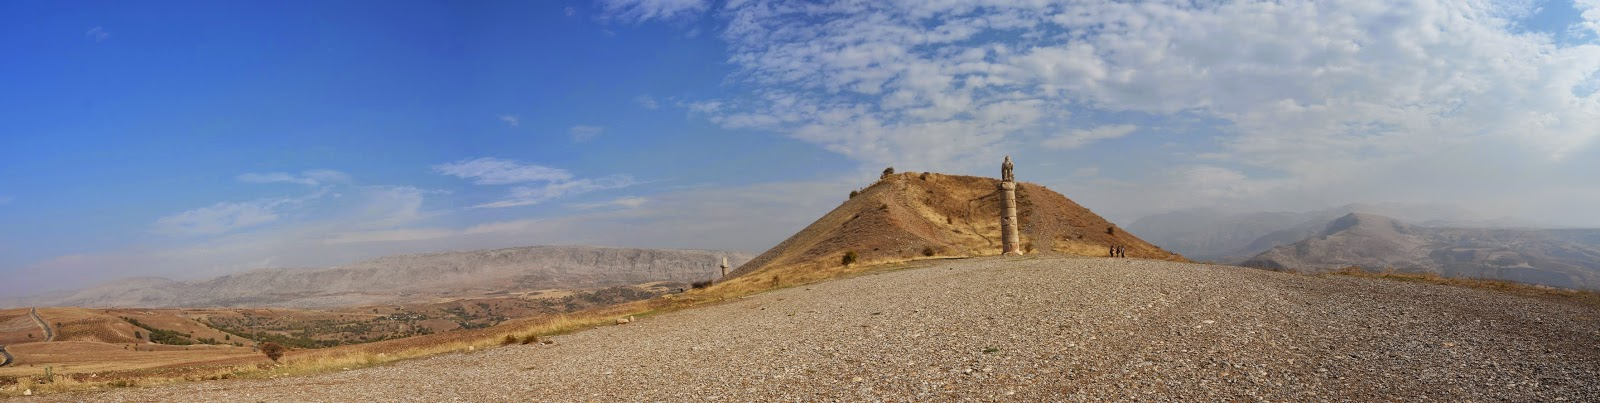 Panorama Karakus Tumuls